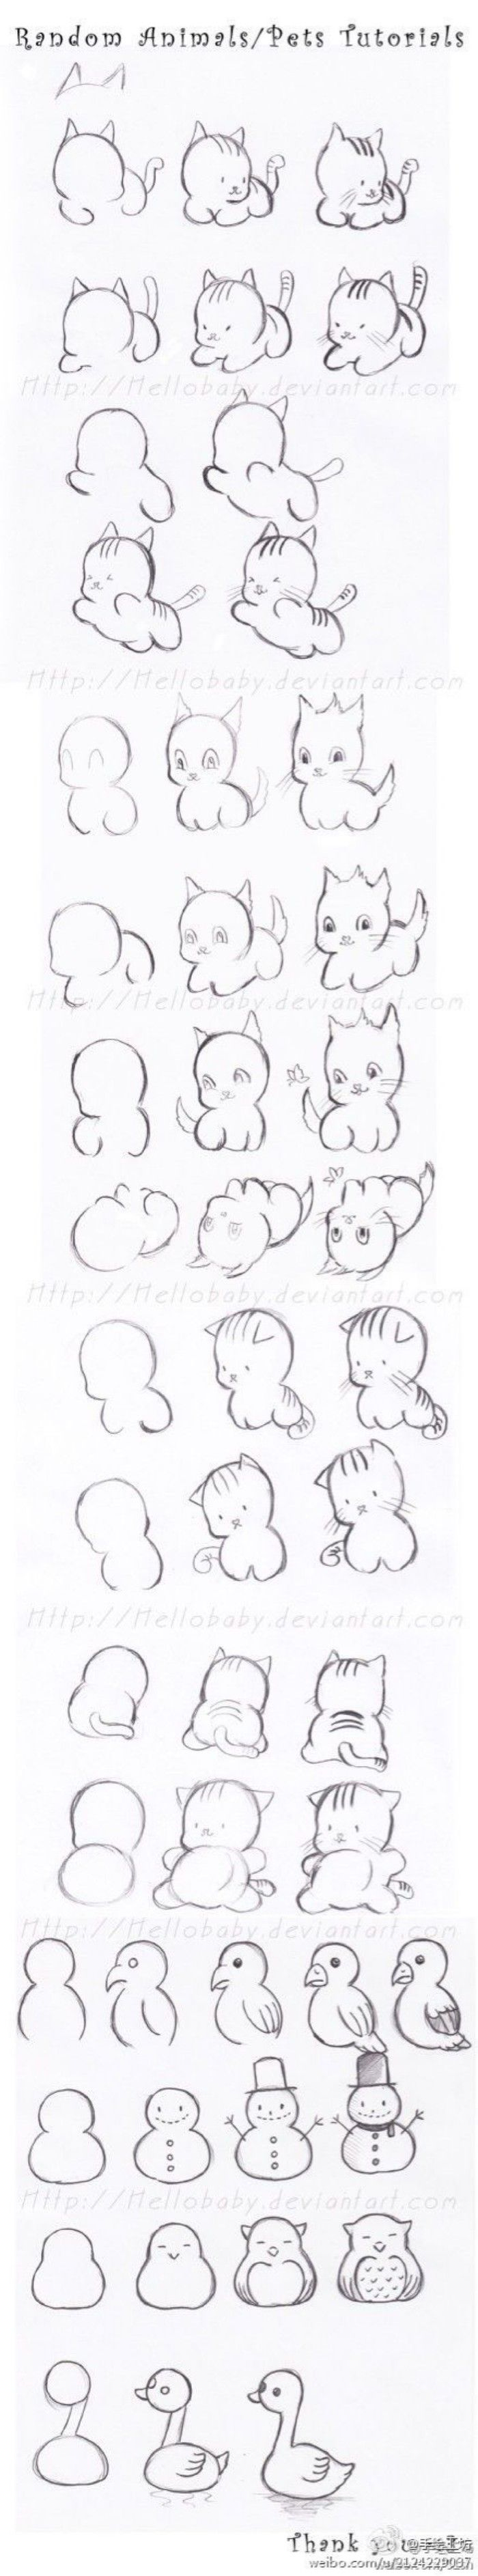 Guía Figura del palillo figura del palillo ilustración de dibujos animados gatito muñeco pintado